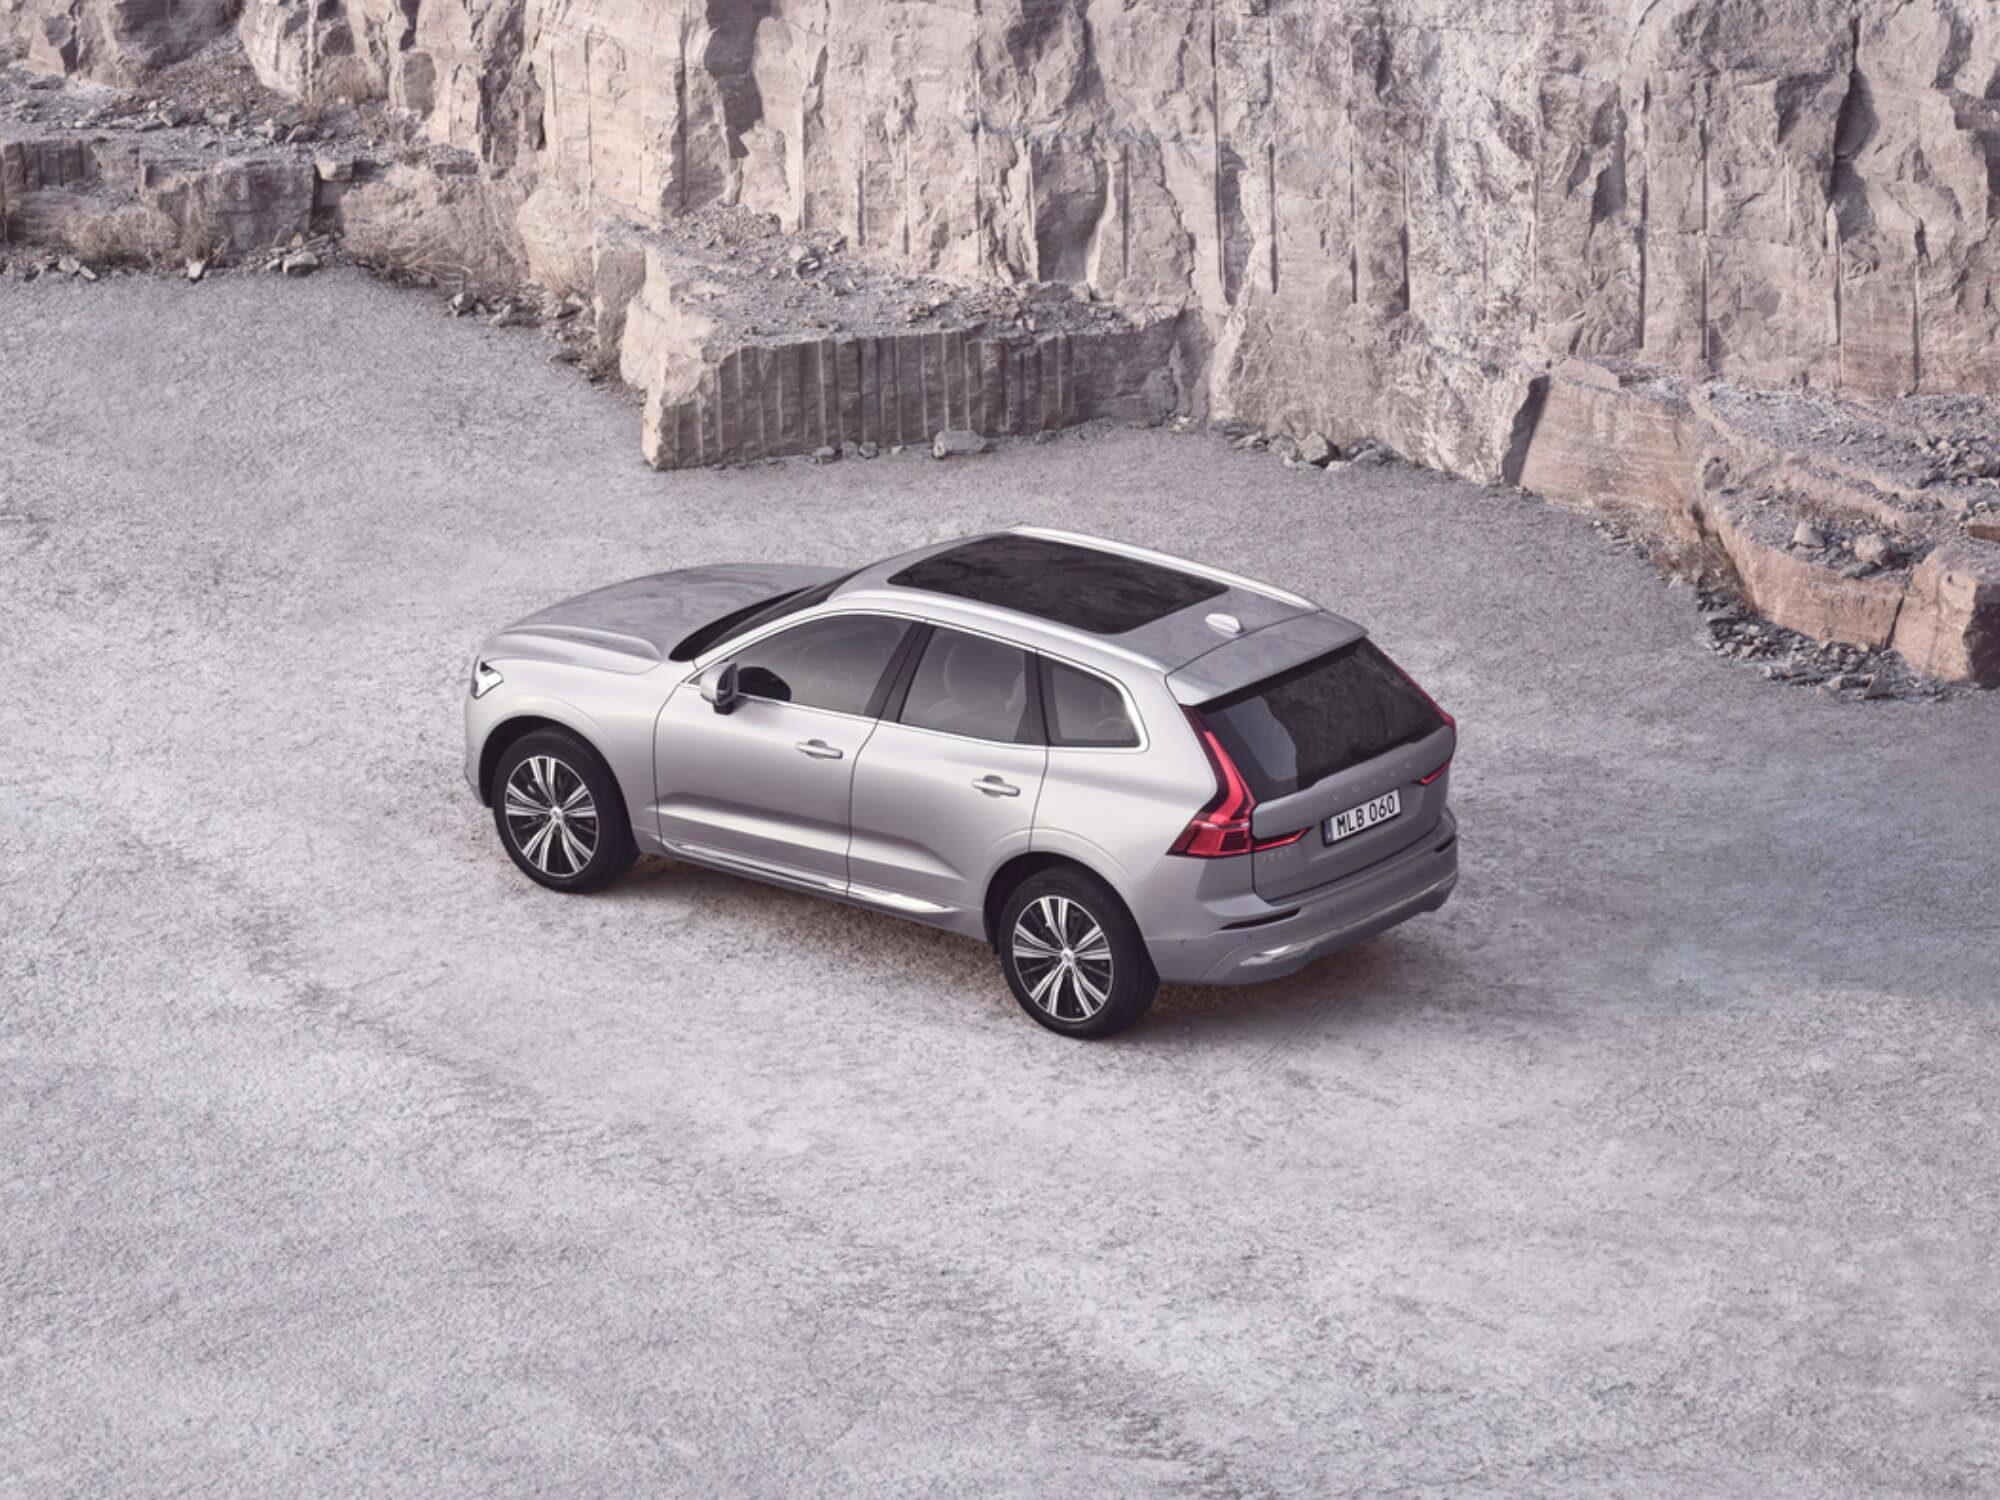 Volvo XC60 Inscription Expression schuin bij een muur